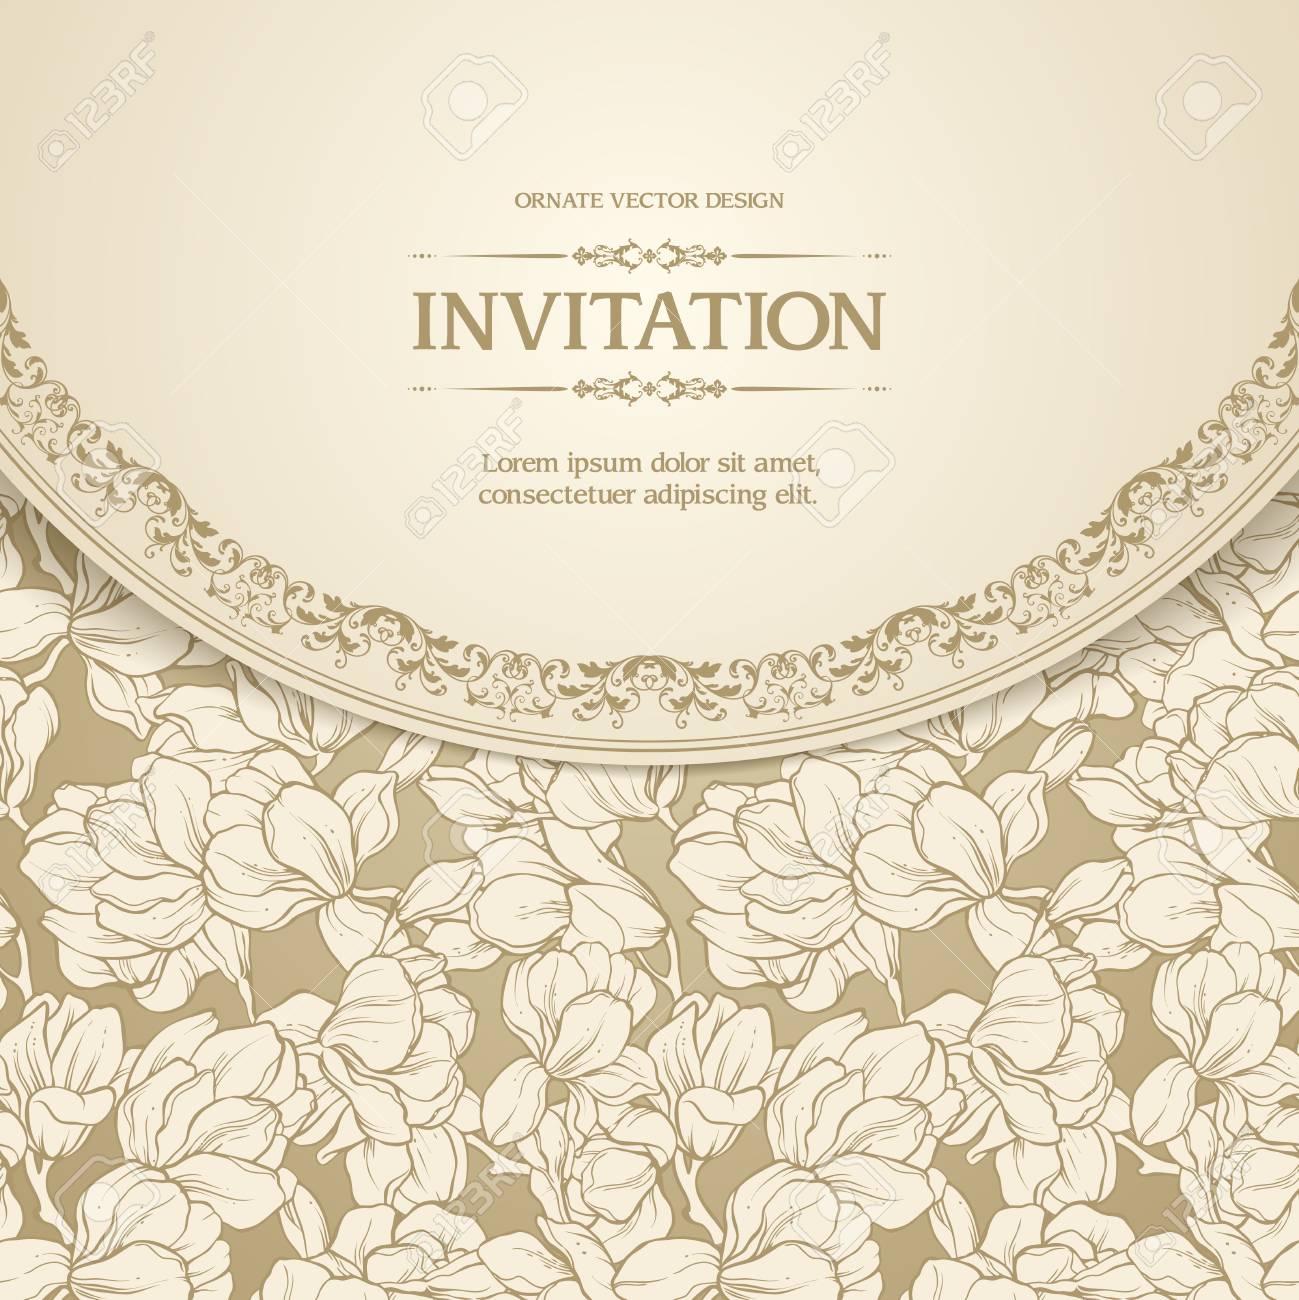 Vintage Floral Hintergrund Design Vektor Illustration